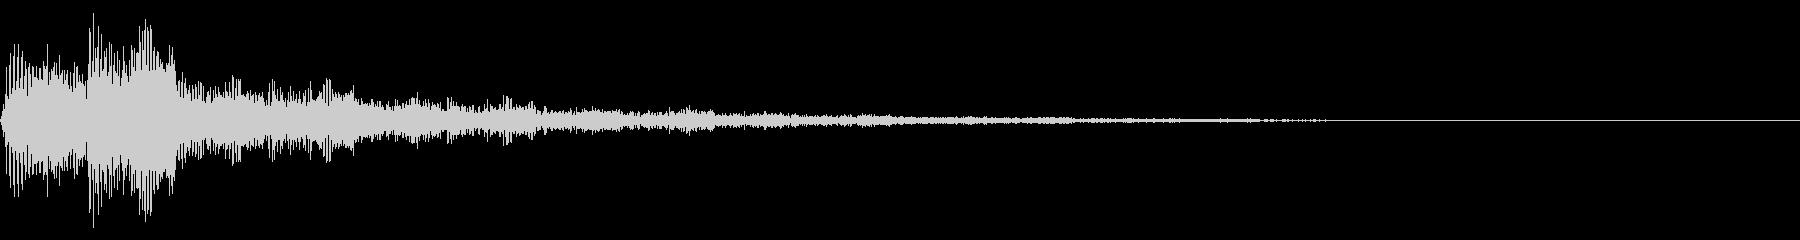 システム音/メニュー/決定/ポジティブの未再生の波形